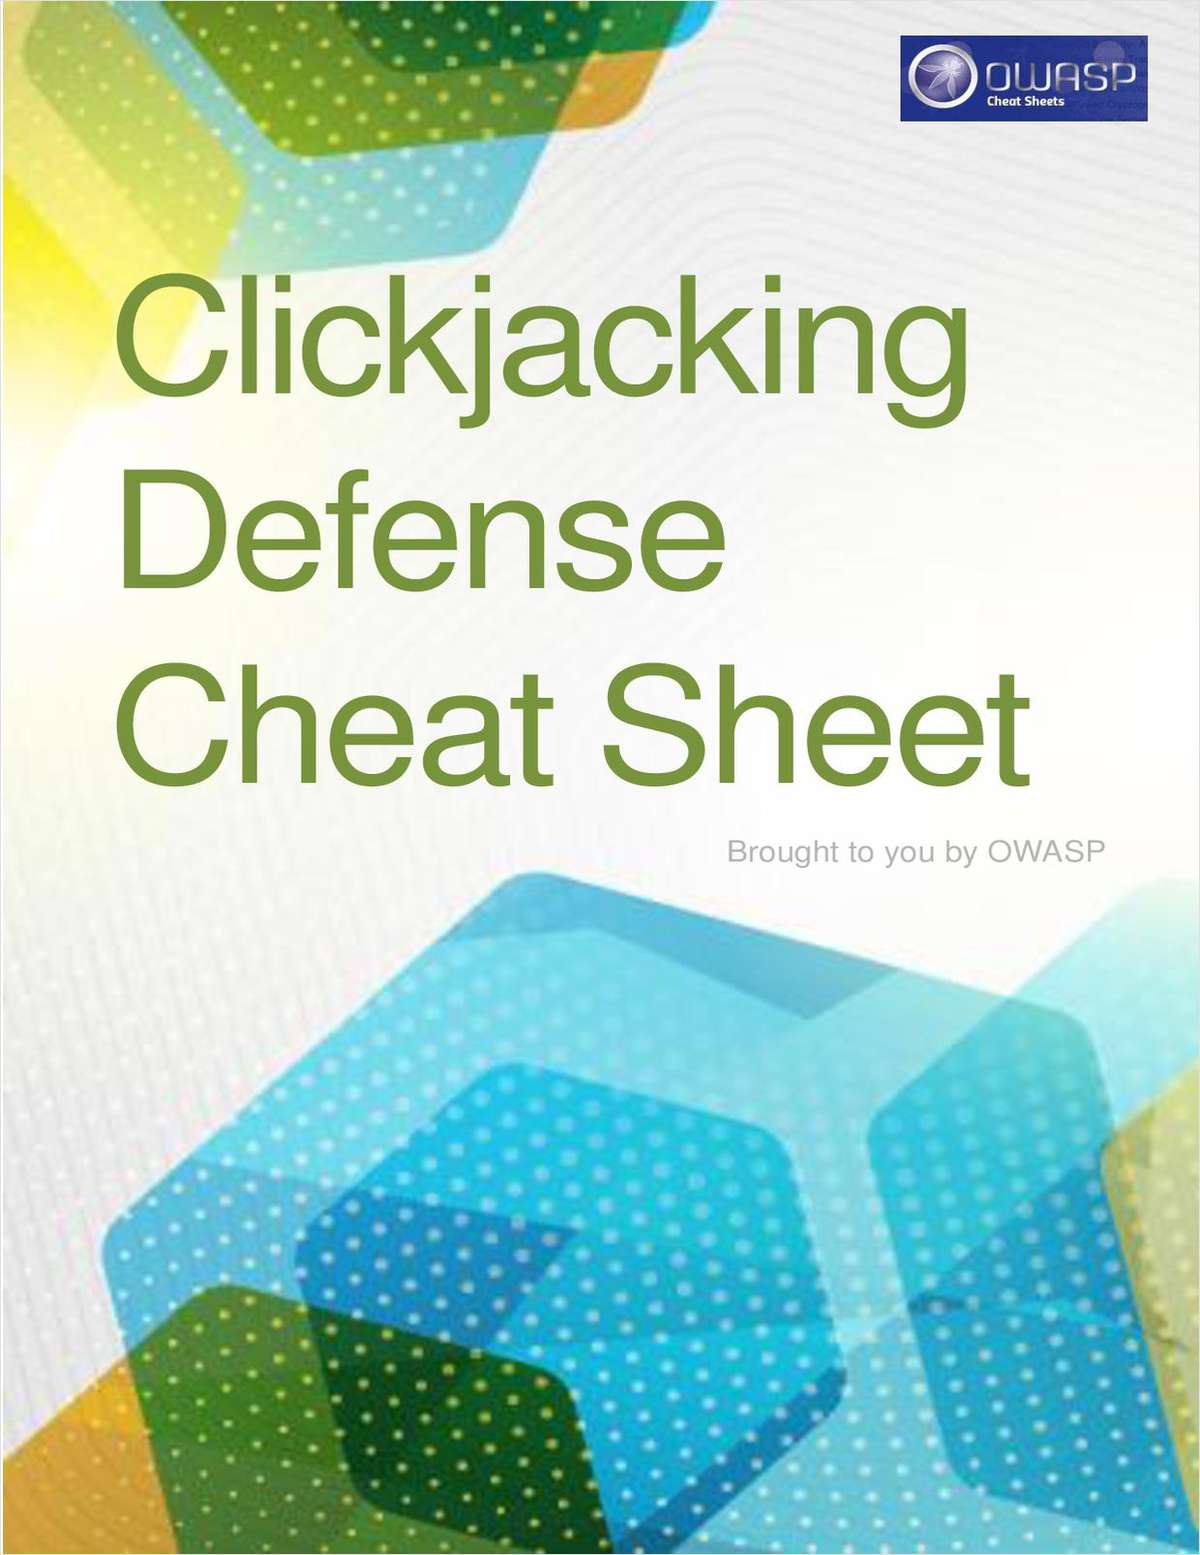 Clickjacking Defense Cheat Sheet